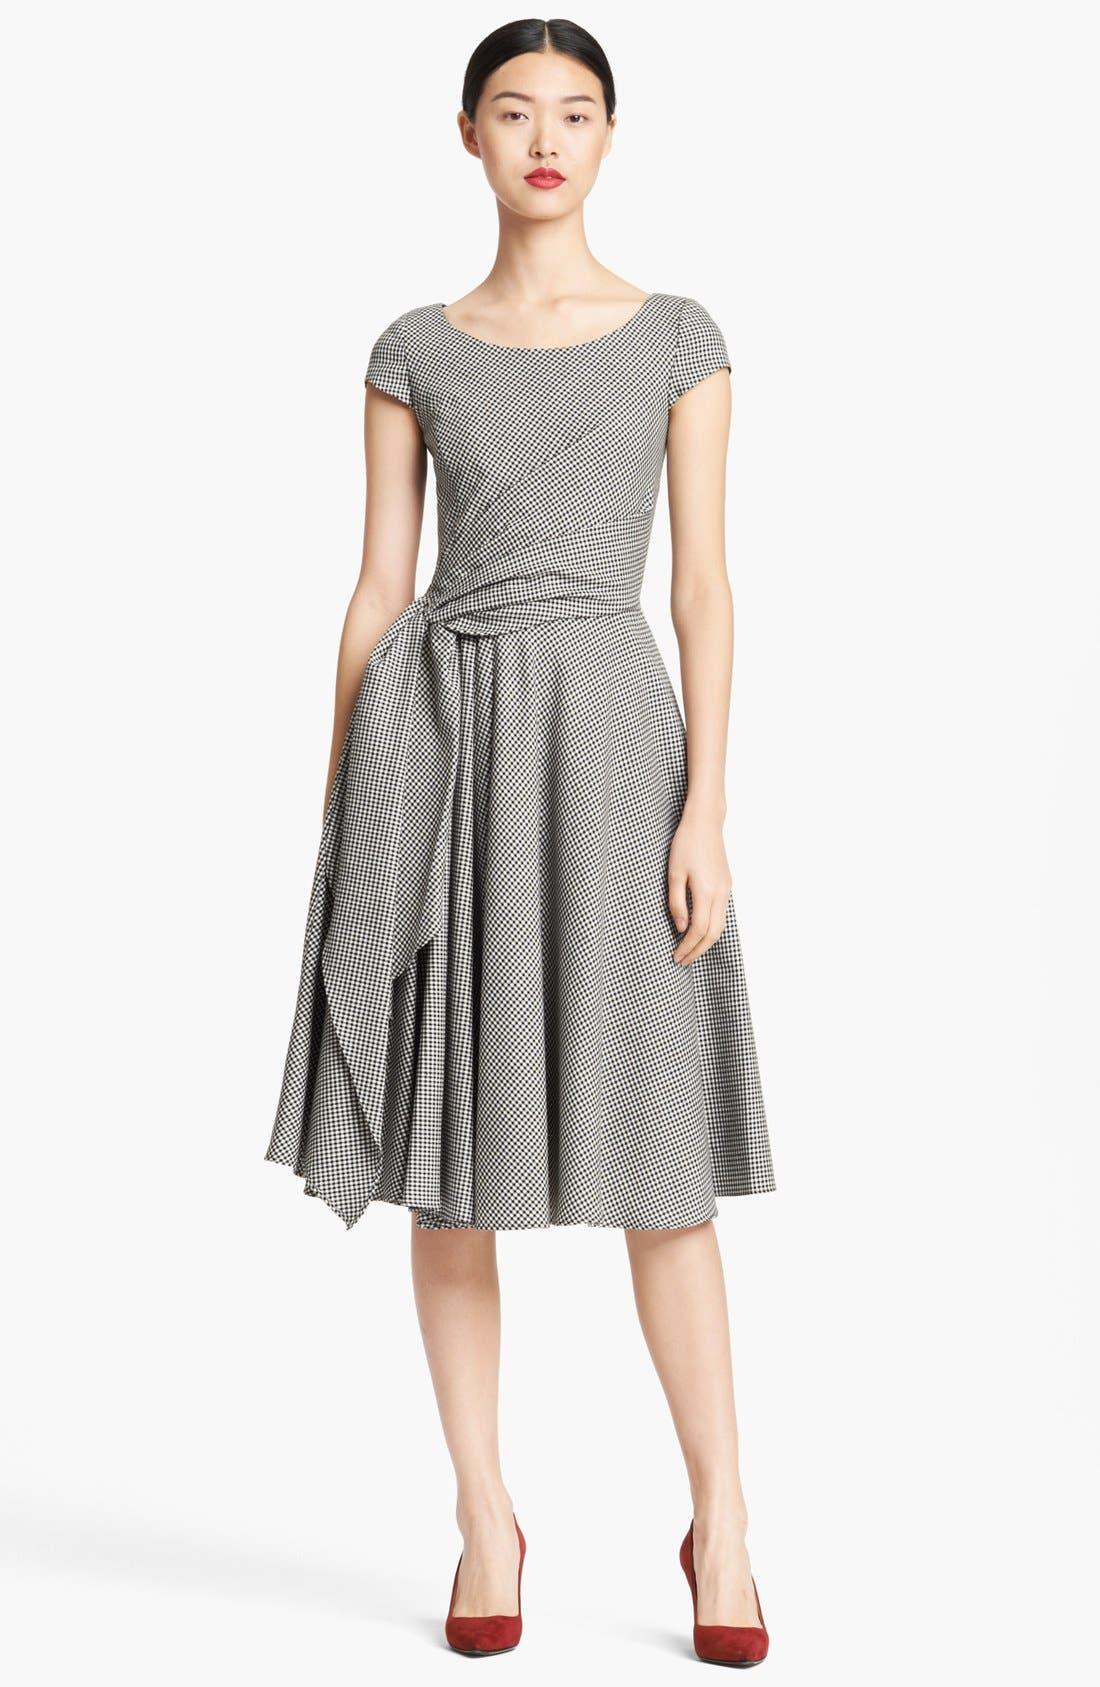 Alternate Image 1 Selected - Oscar de la Renta Full Skirt Gingham Dress